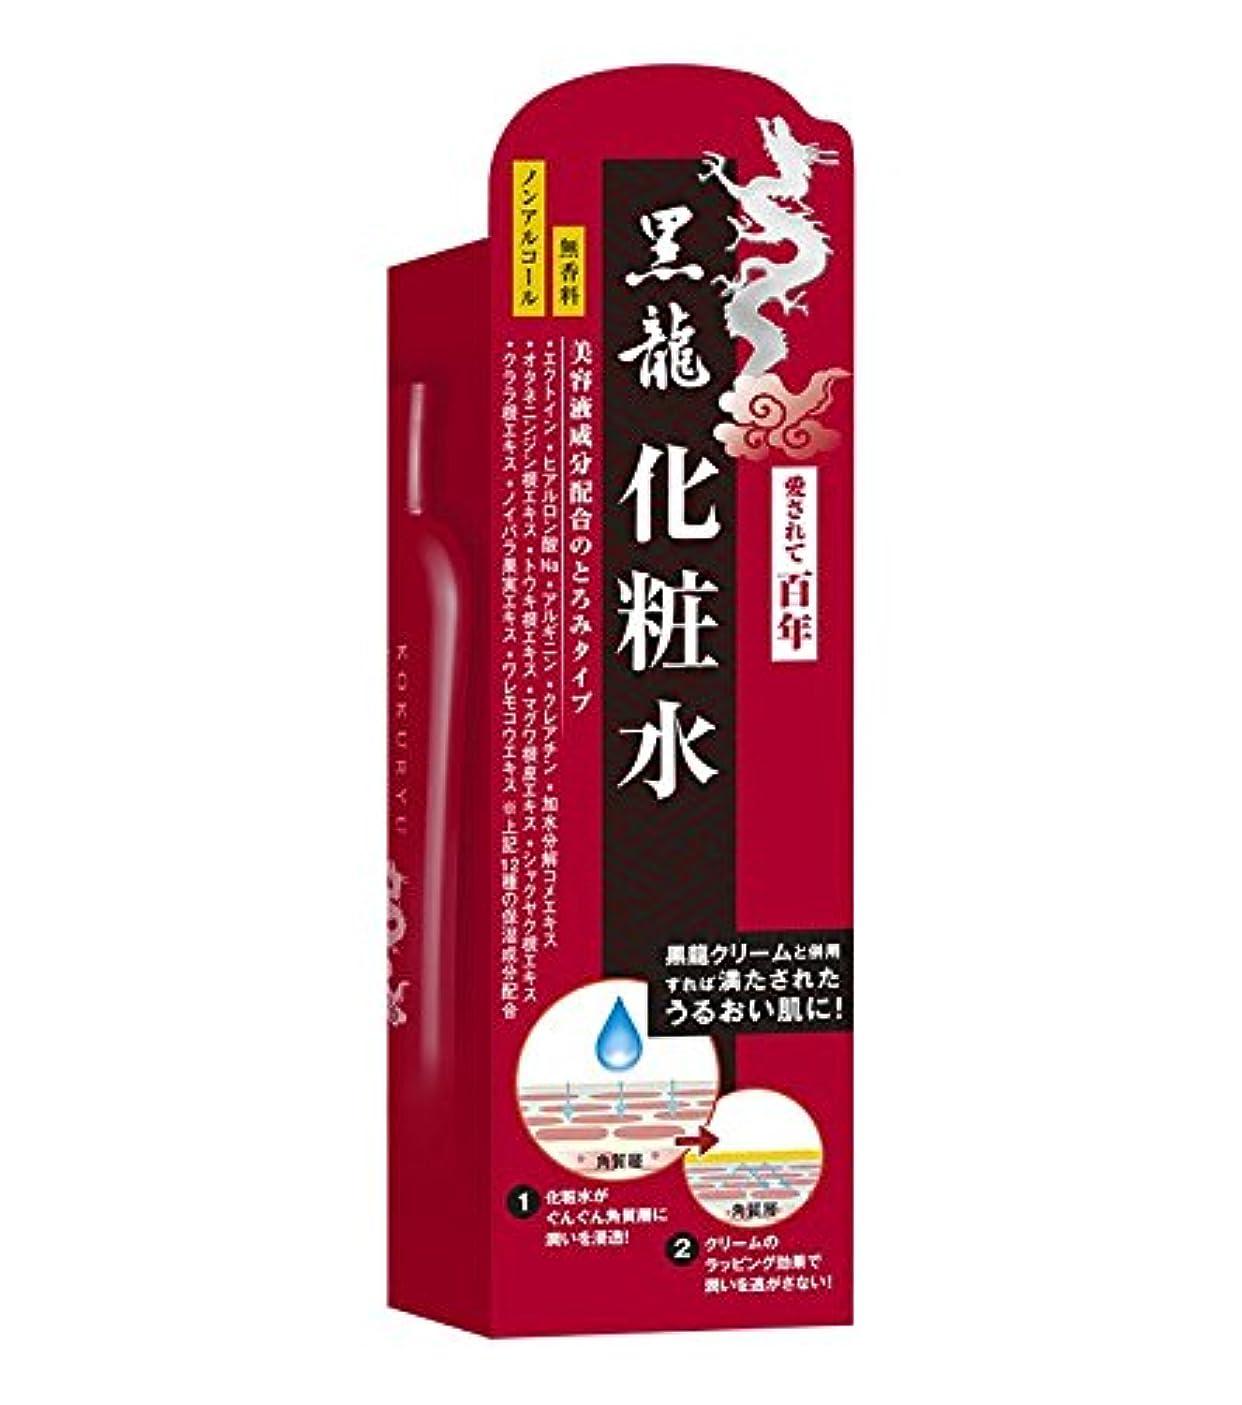 横イーウェル日記黒龍 化粧水 150ml